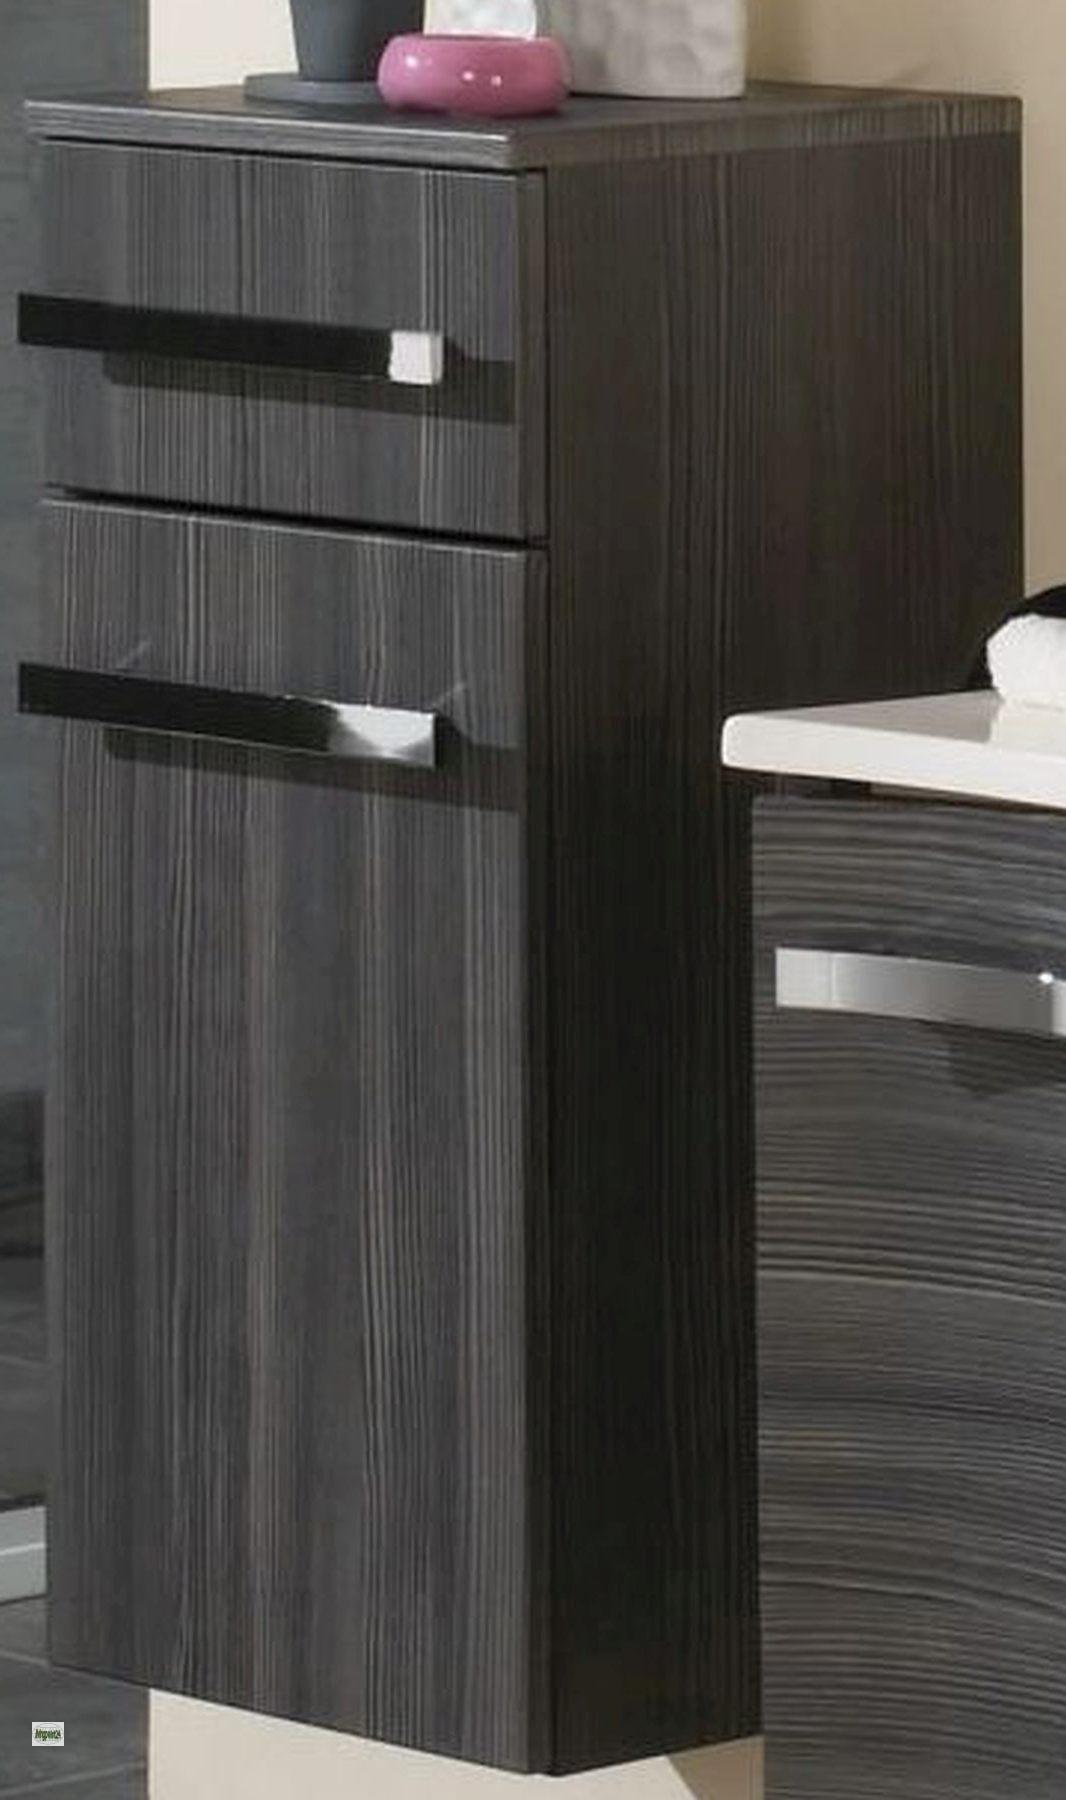 Mobili da bagno 5 parti specchio lavabo 110cm larghezza armadio sottopensile set ebay - Bagno largo 110 cm ...